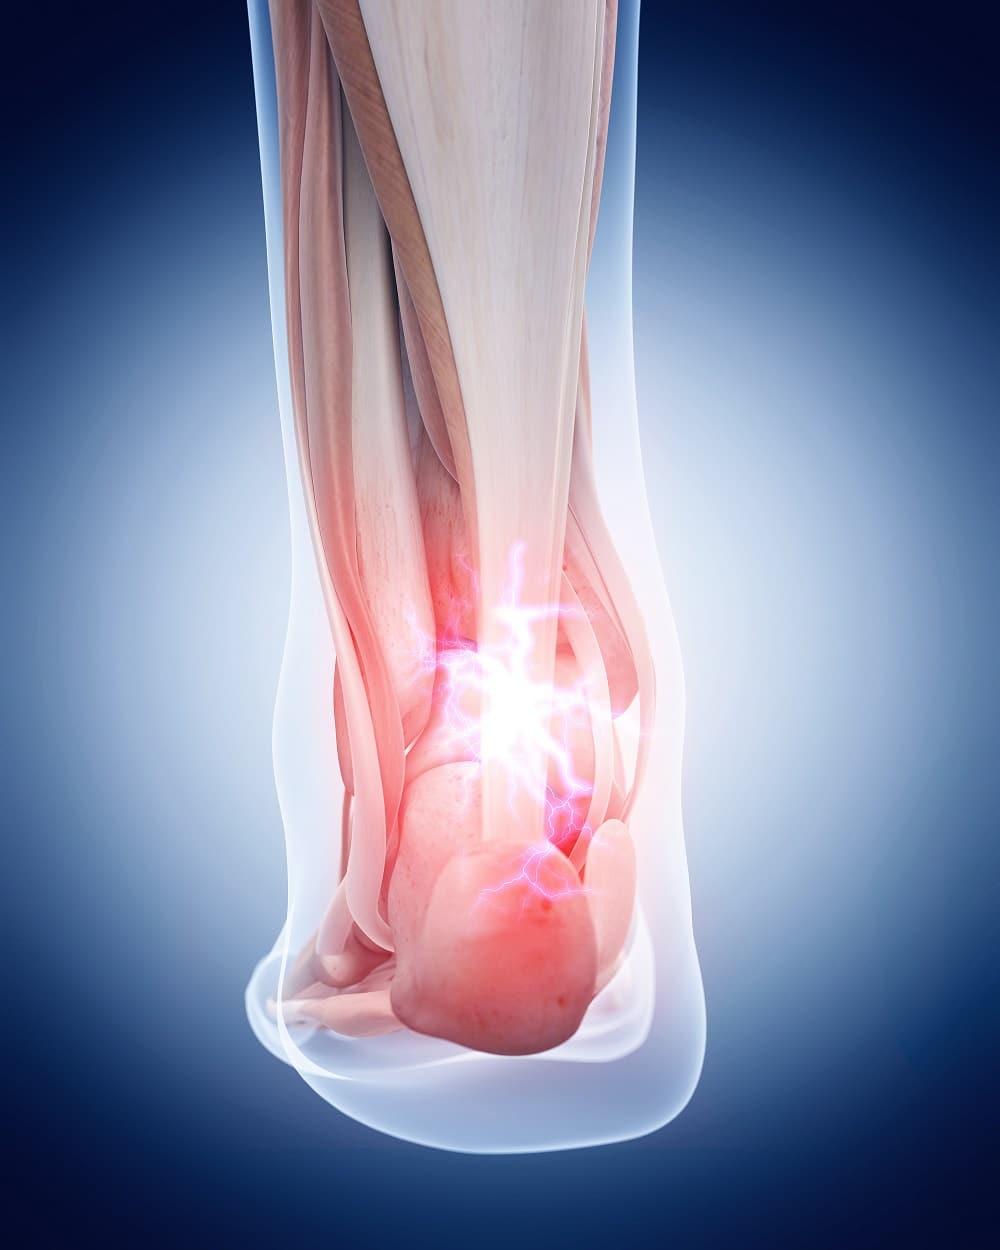 rotura del tendon de aquiles